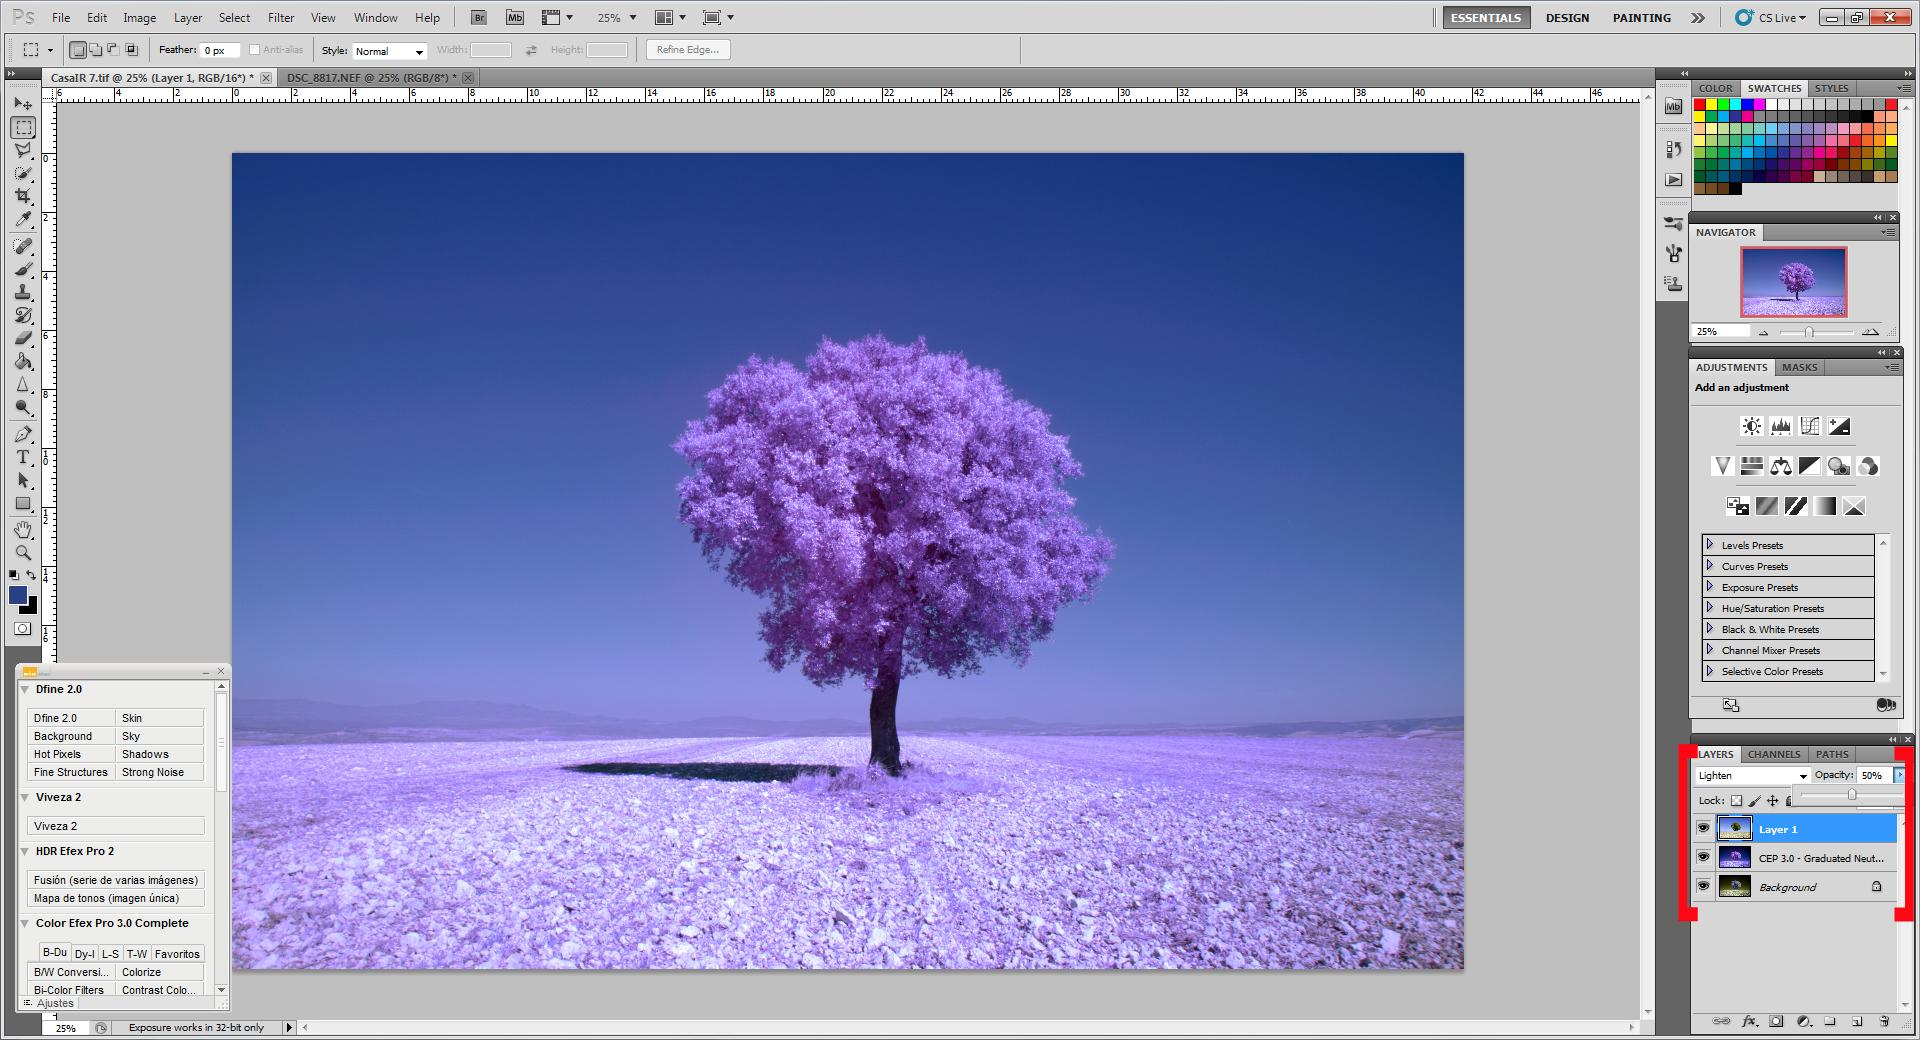 Как превратить пейзажное фото в сюрреалистическое инфракрасное изображение - 6